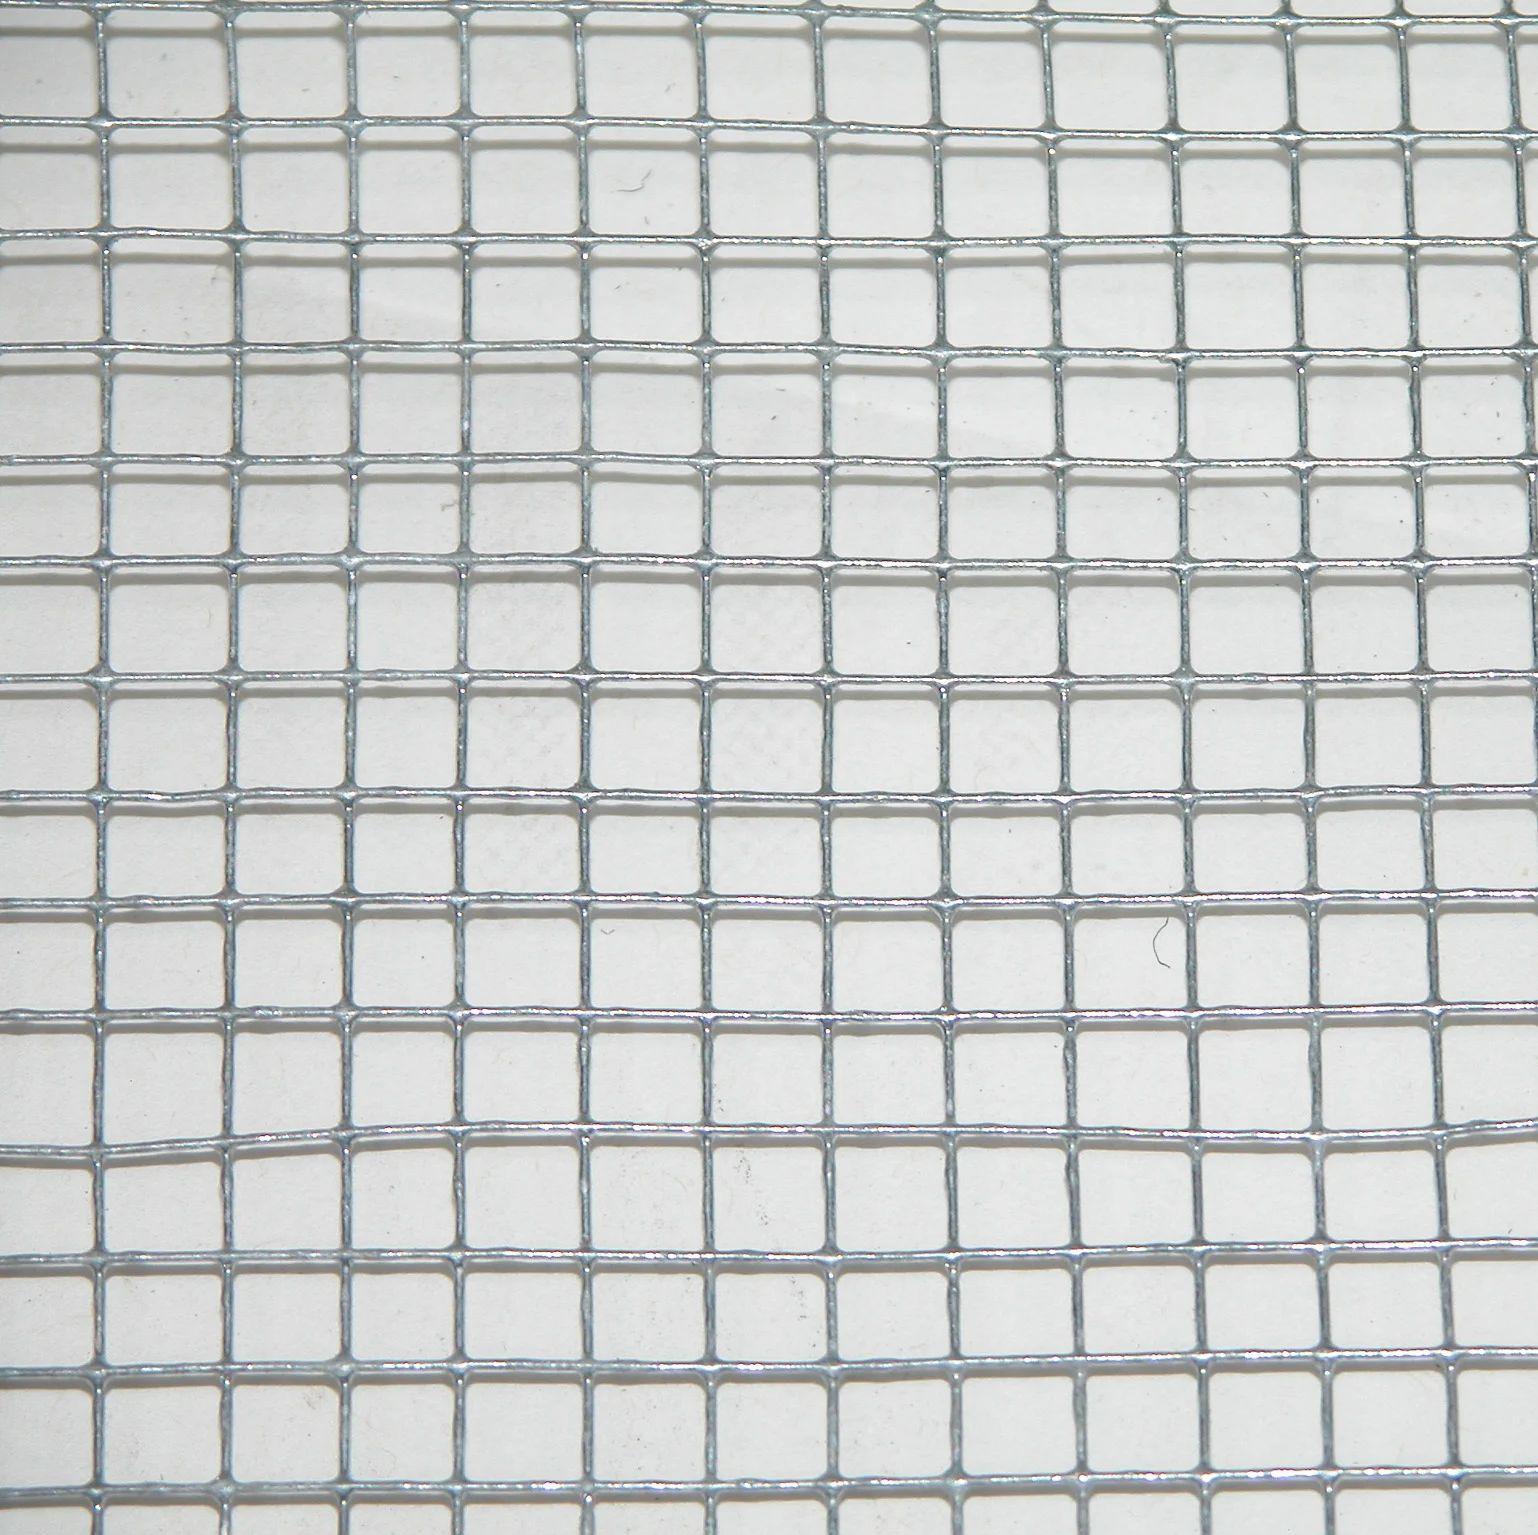 Grillage Pour Animaux Soude Gris H 0 5 X L 3 M Maille H 6 X L 6 4 Mm Leroy Merlin